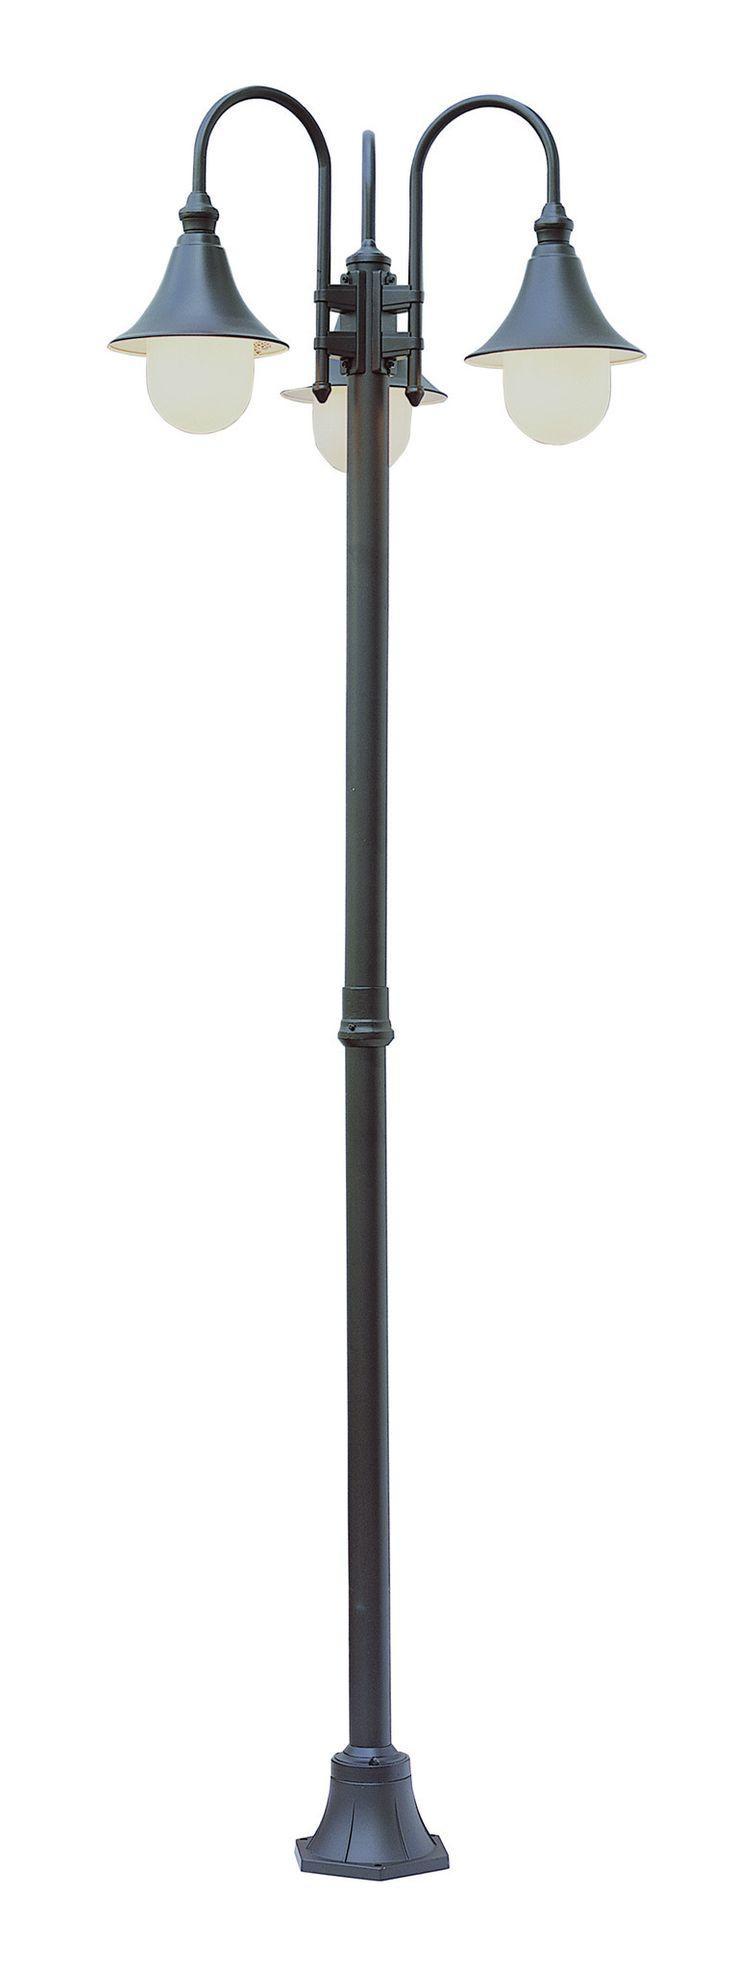 15 best Park Lighting Ideas images on Pinterest | Lighting ideas ... for Street Lamp Post Height  113lpg